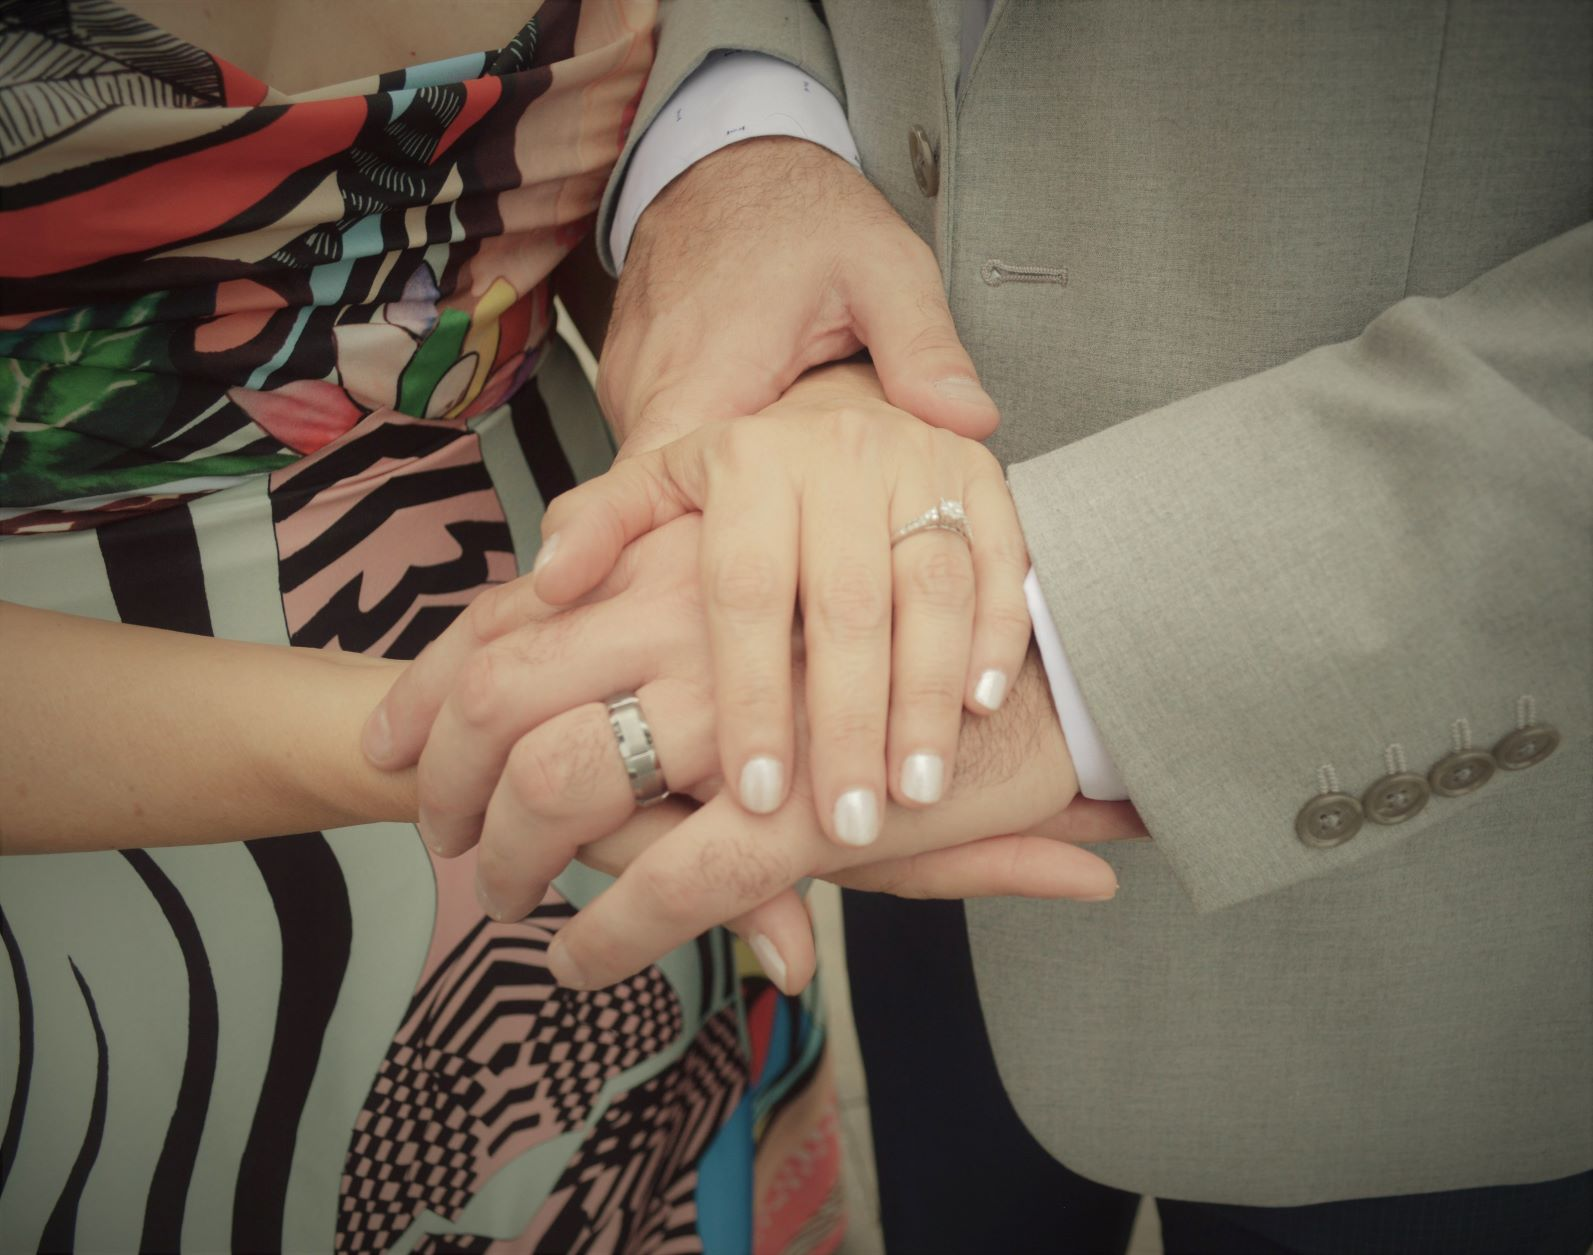 https://0201.nccdn.net/1_2/000/000/0d2/10e/bride-groom-rings.jpg